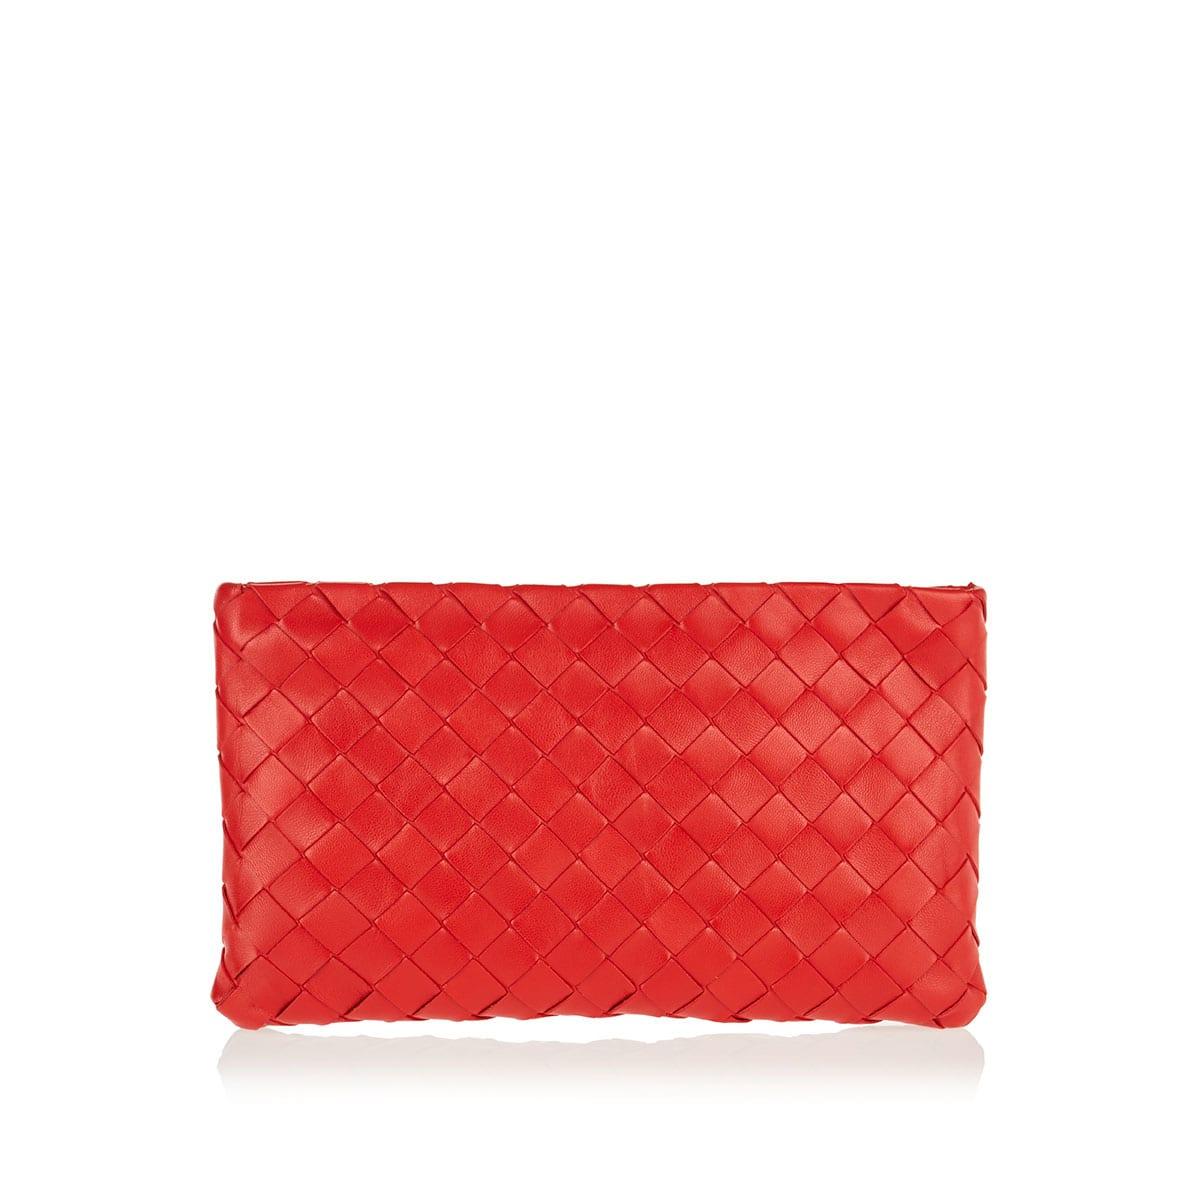 Medium Intrecciato leather pouch